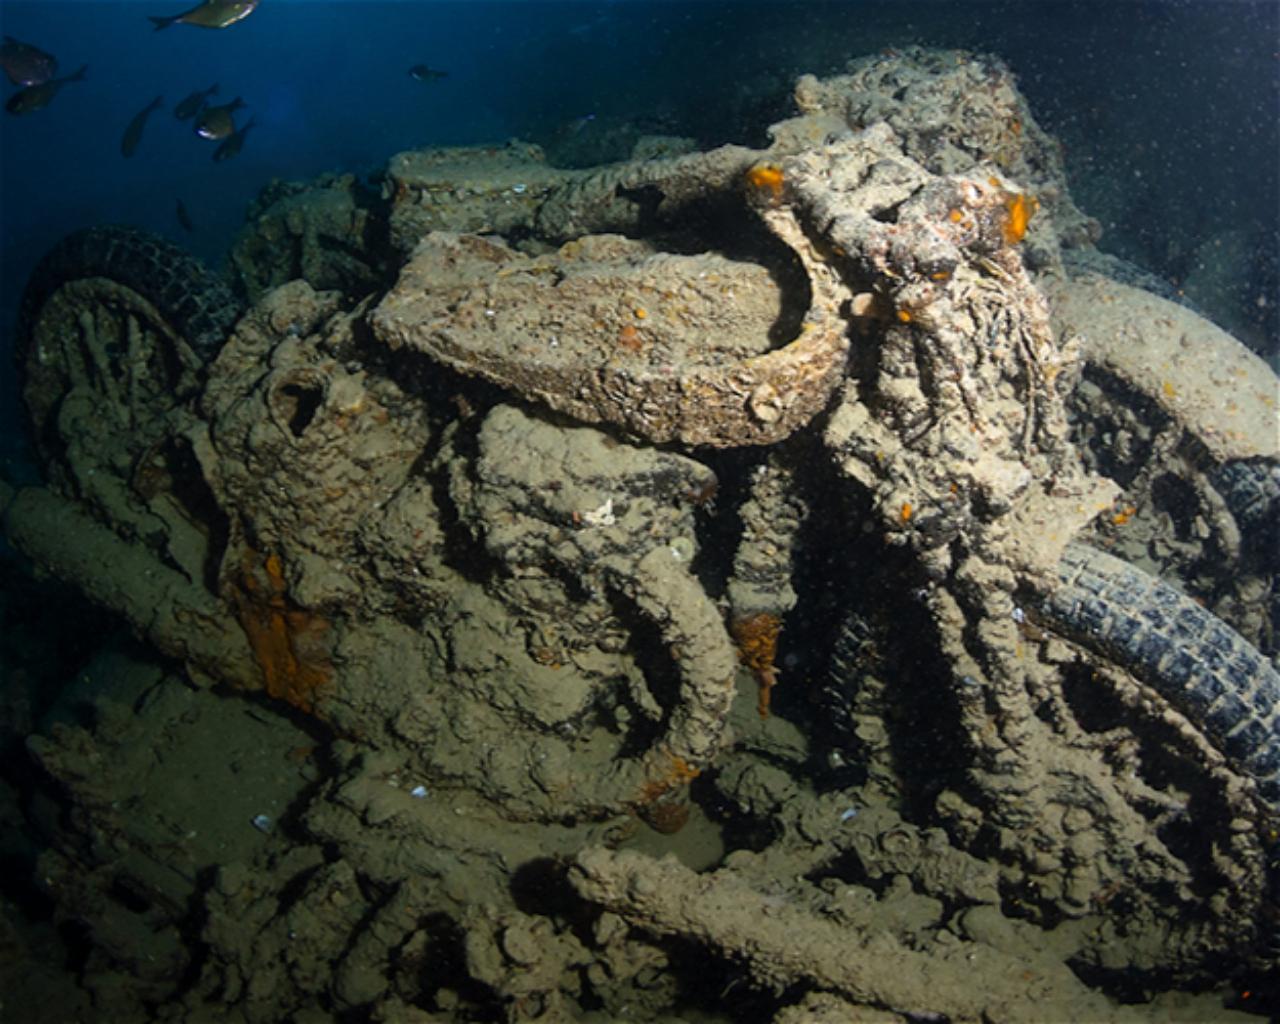 SS Thistlegorm (Wreck)